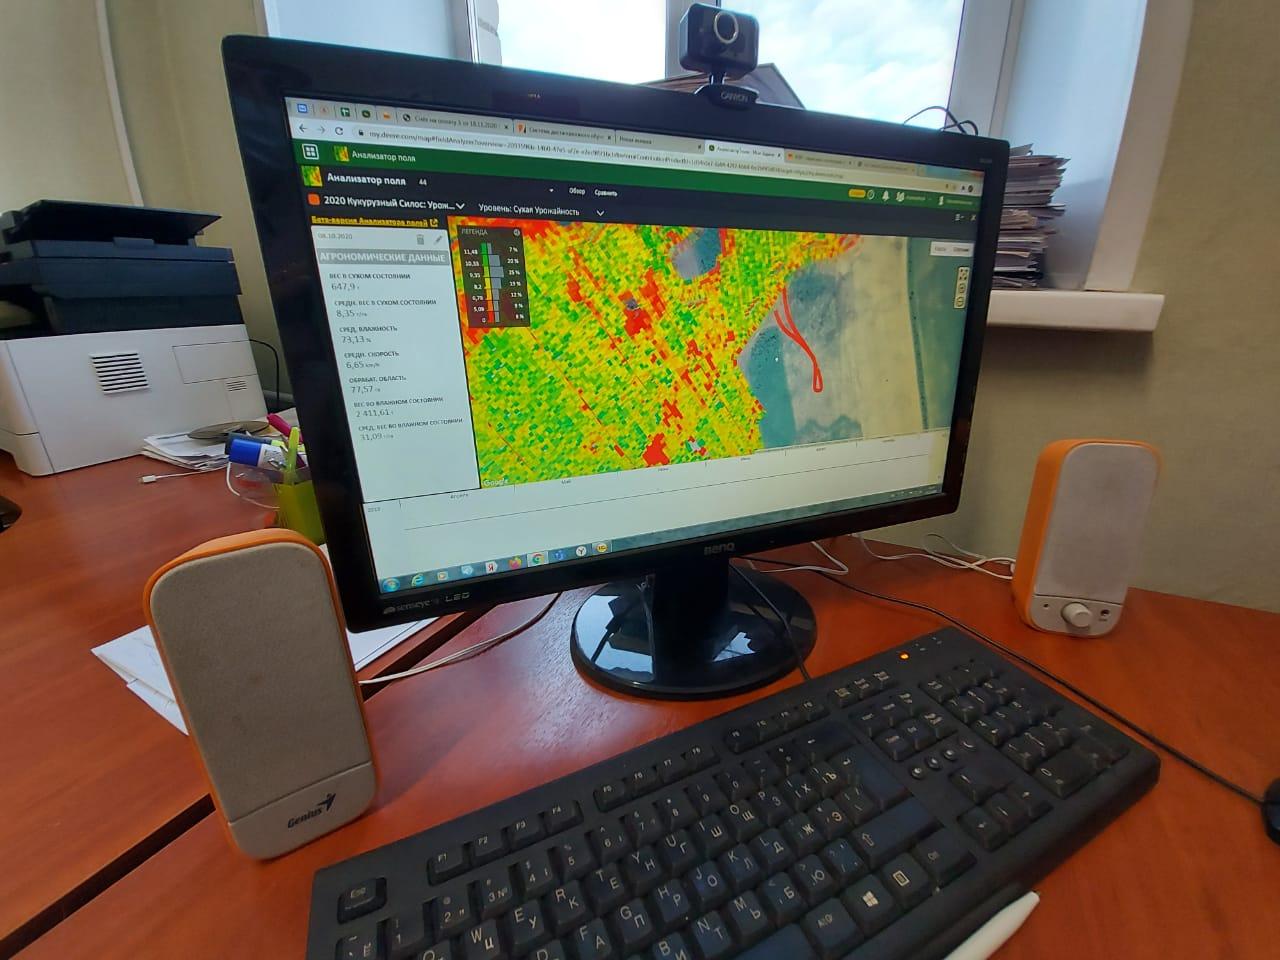 Лучшие региональные практики в сфере АПК будут определены на конкурсе «Агротехнологии будущего»